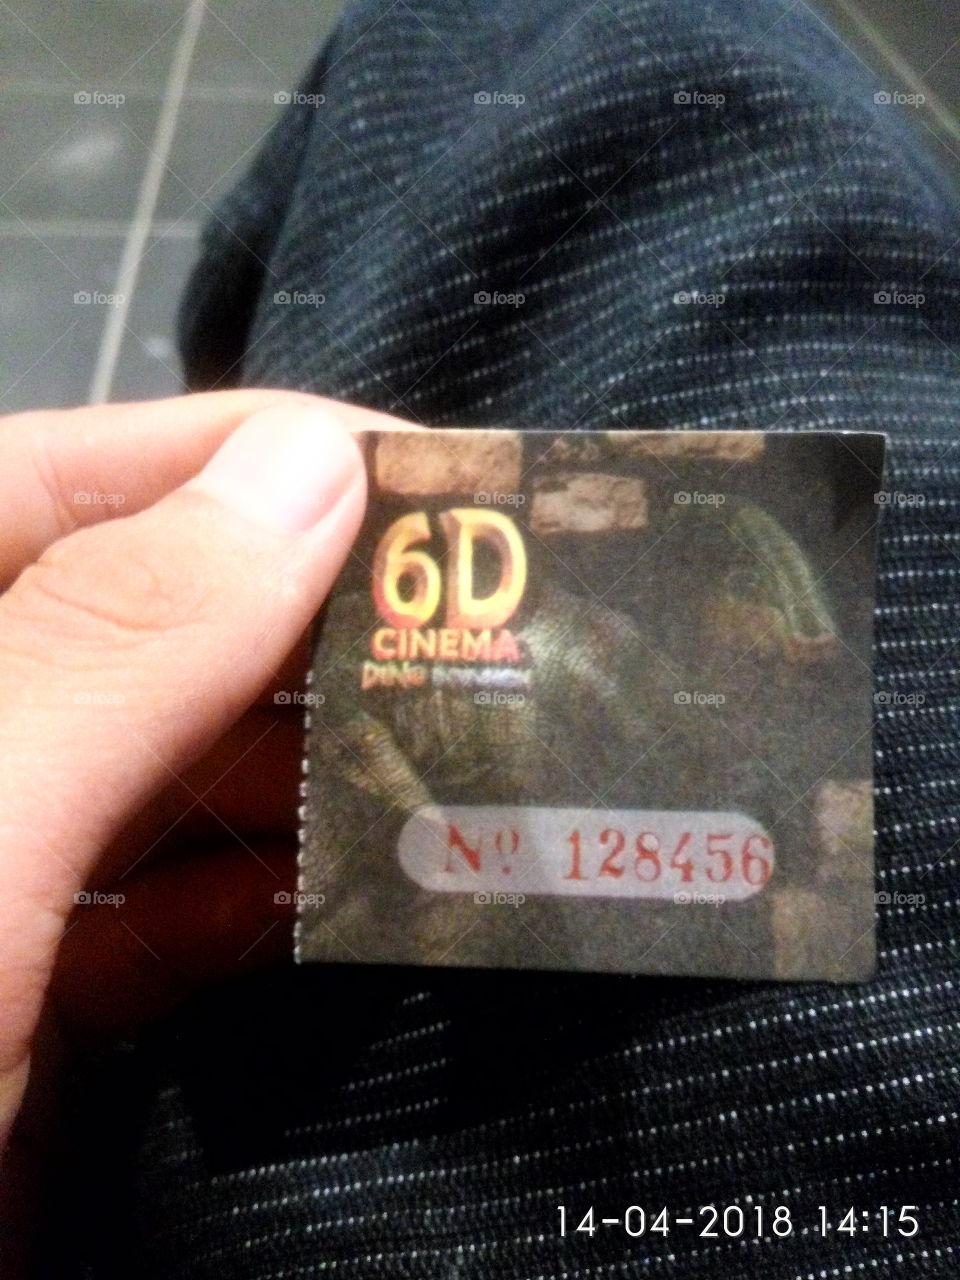 film 6D